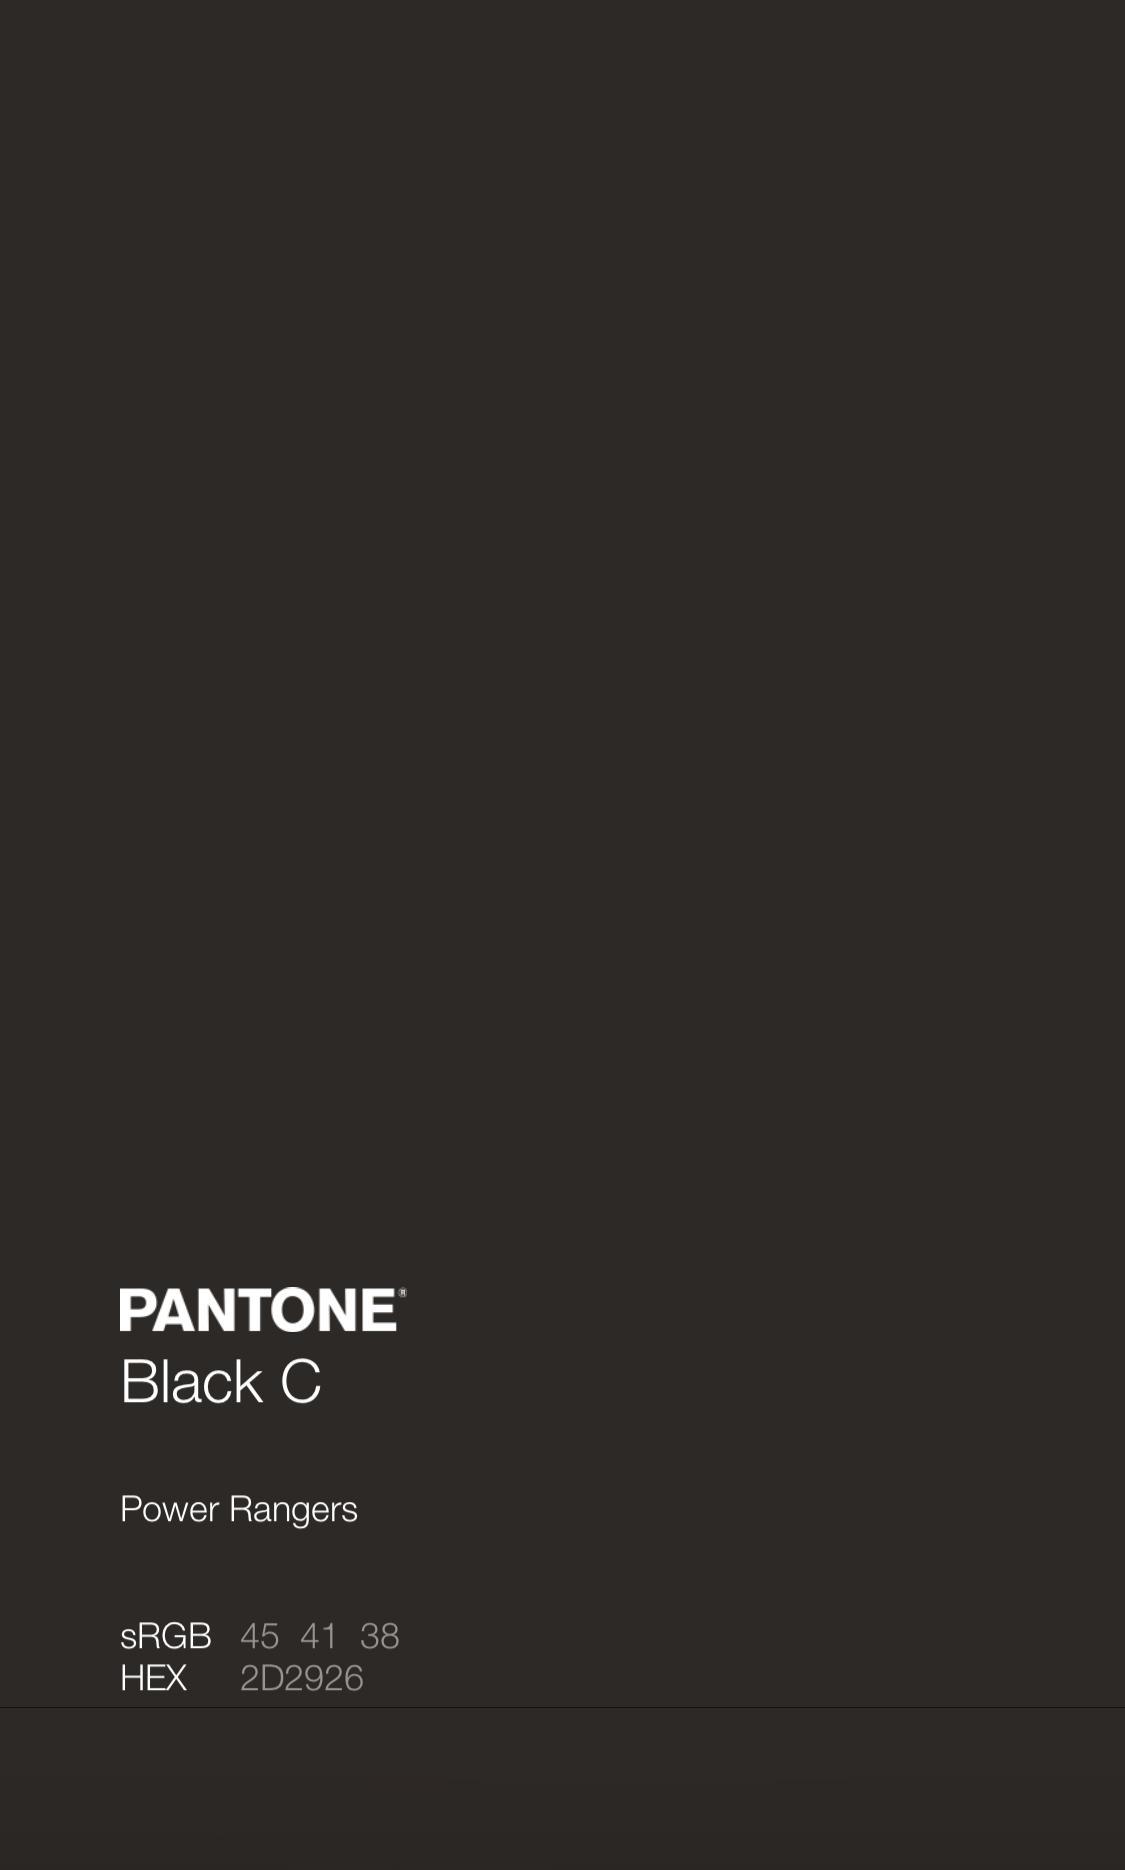 schwarz niederdruck k chenarmatur edelstahl stahlfeder chrom 2 strahl handbrause. Black Bedroom Furniture Sets. Home Design Ideas